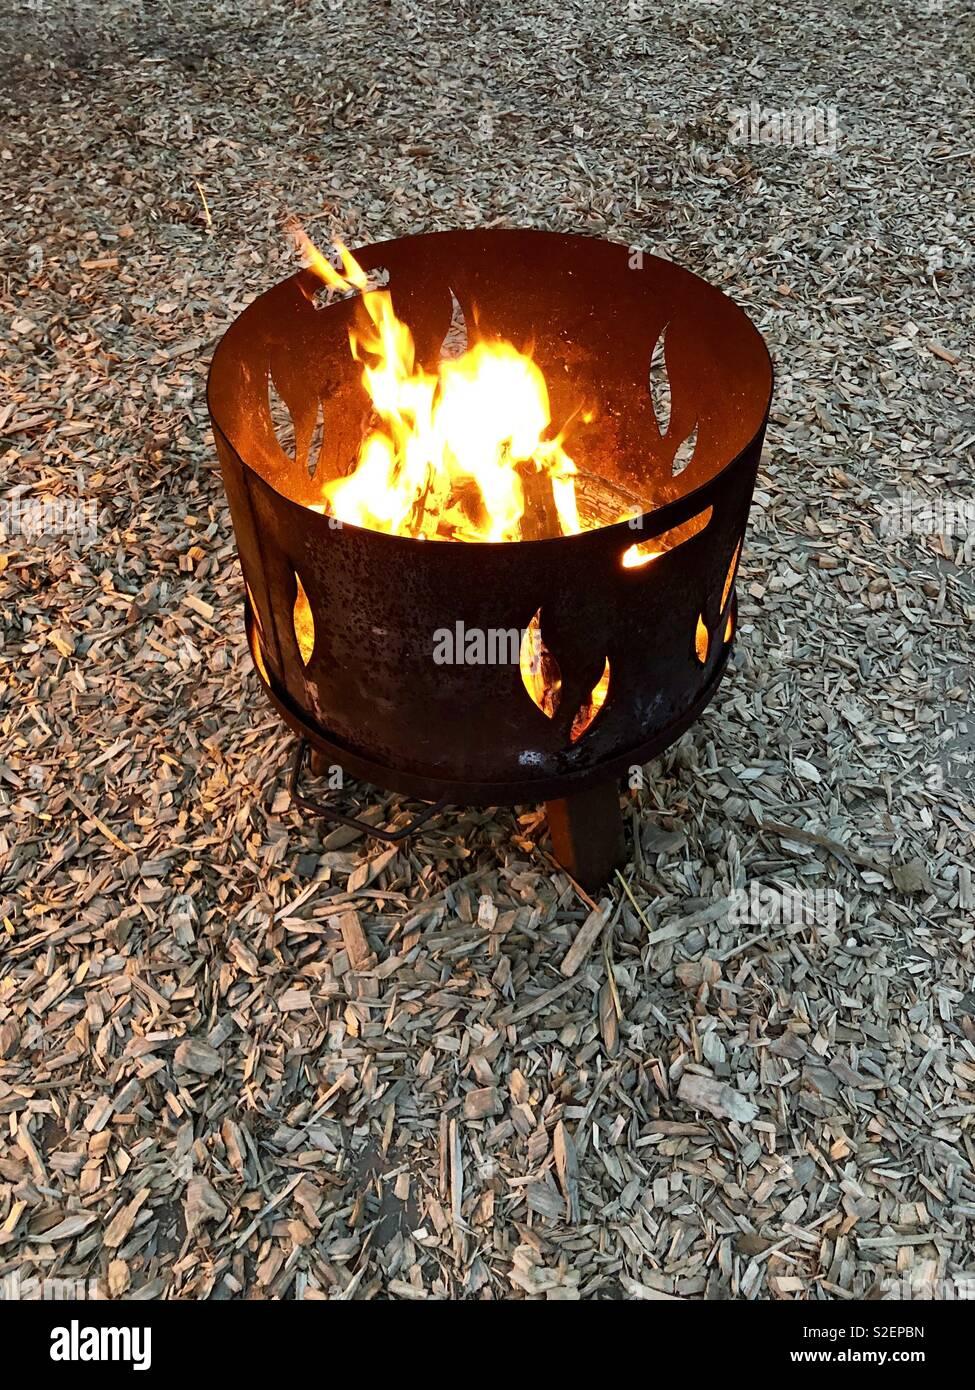 Blazing fire in a handmade fire pit. - Blazing Fire In A Handmade Fire Pit Stock Photo: 311340841 - Alamy